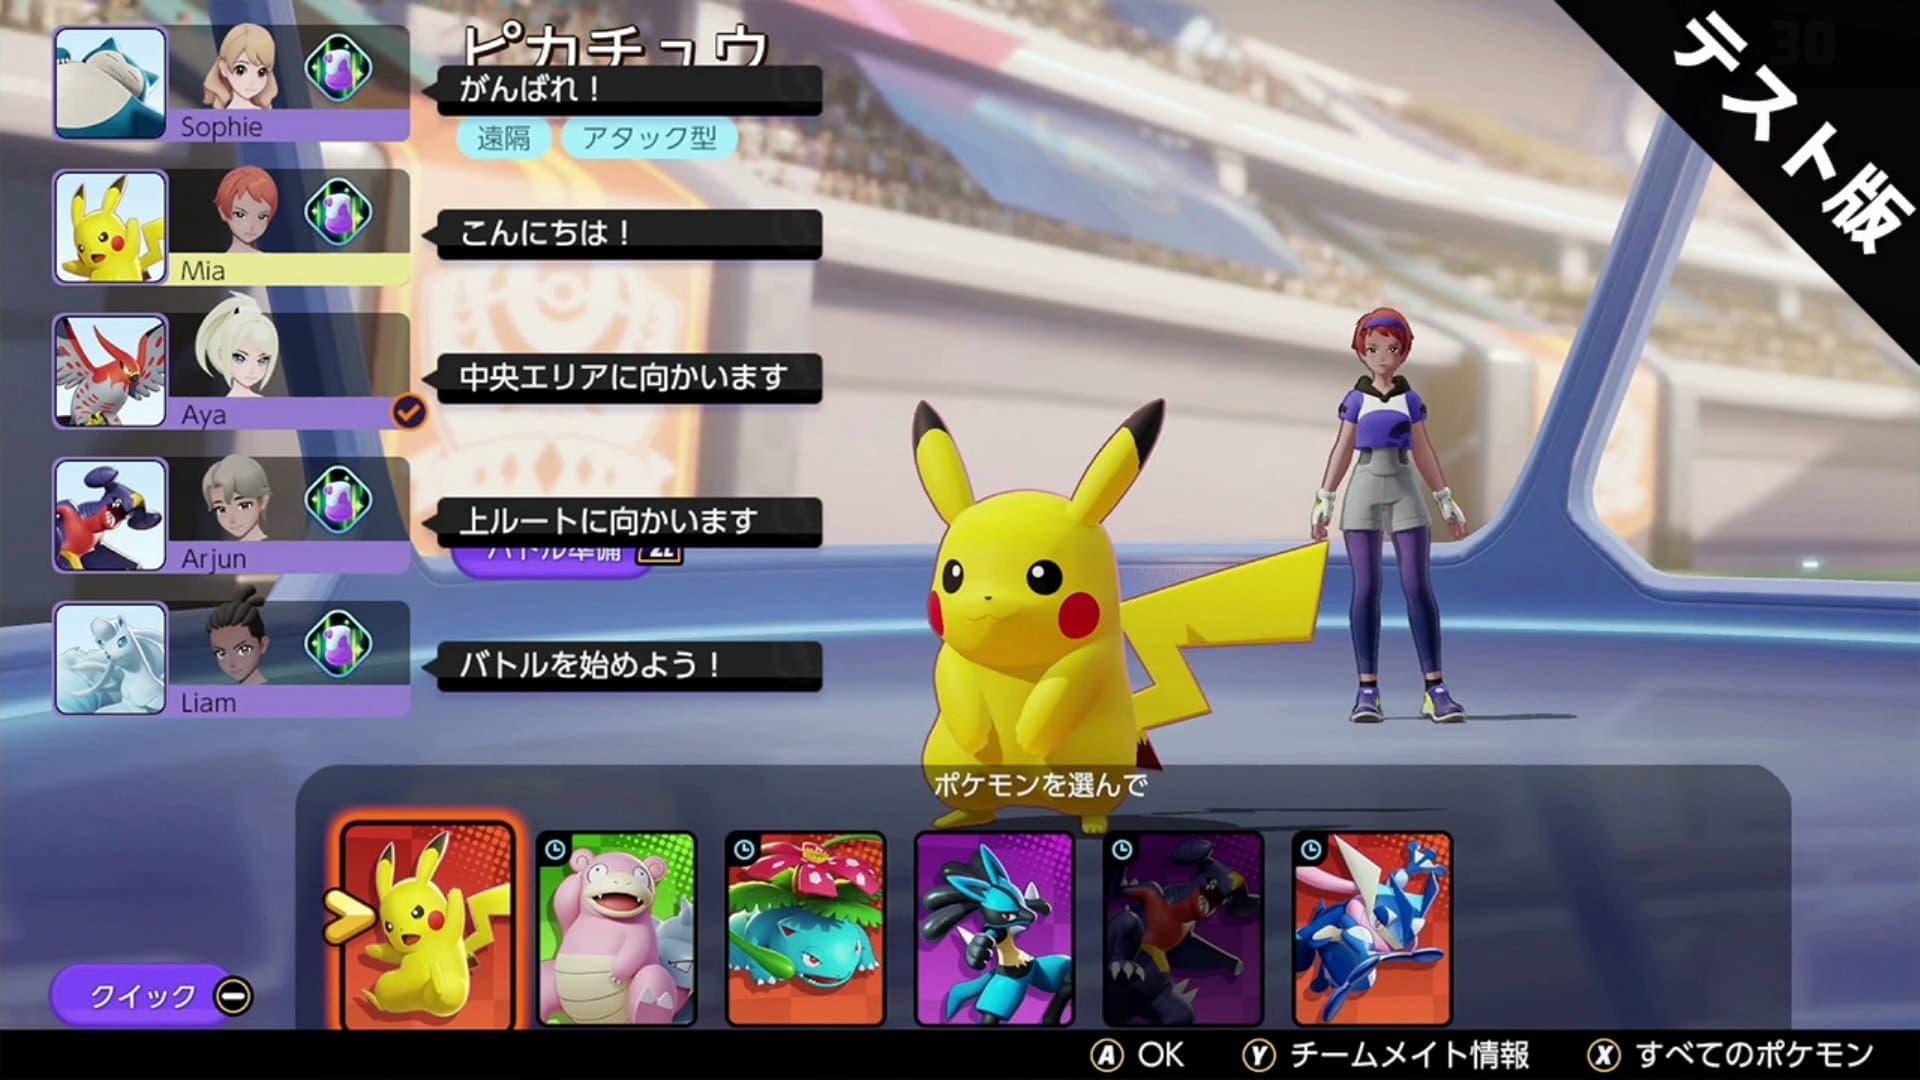 Fecha de lanzamiento de Pokémon Unite en Switch | Kyaooo